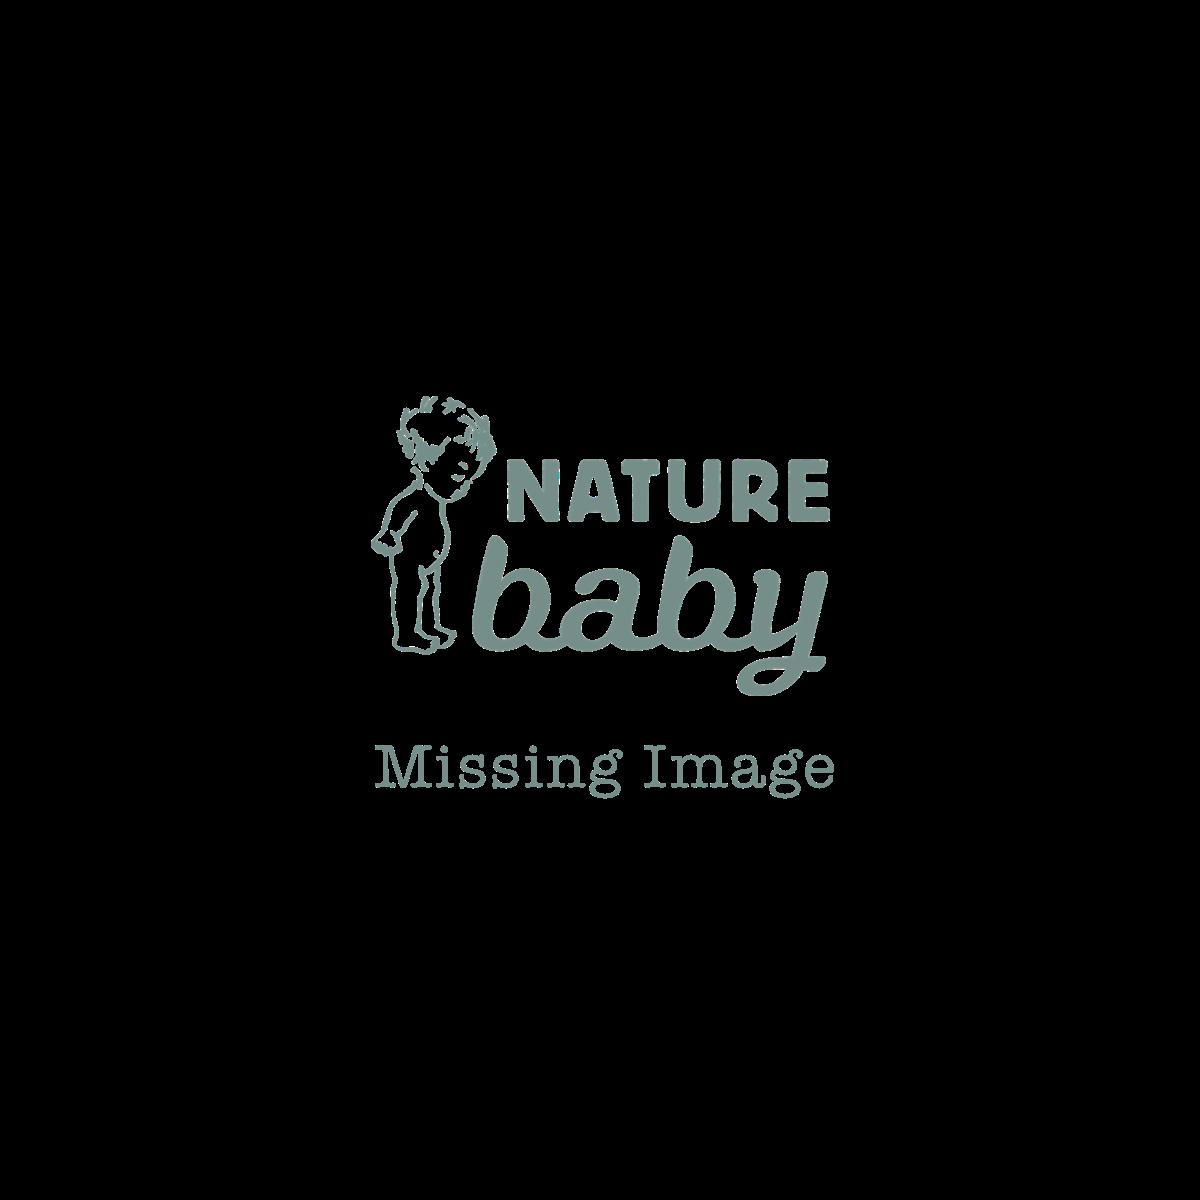 Natural Organic Hammock Pack Nature Baby Free Shipping